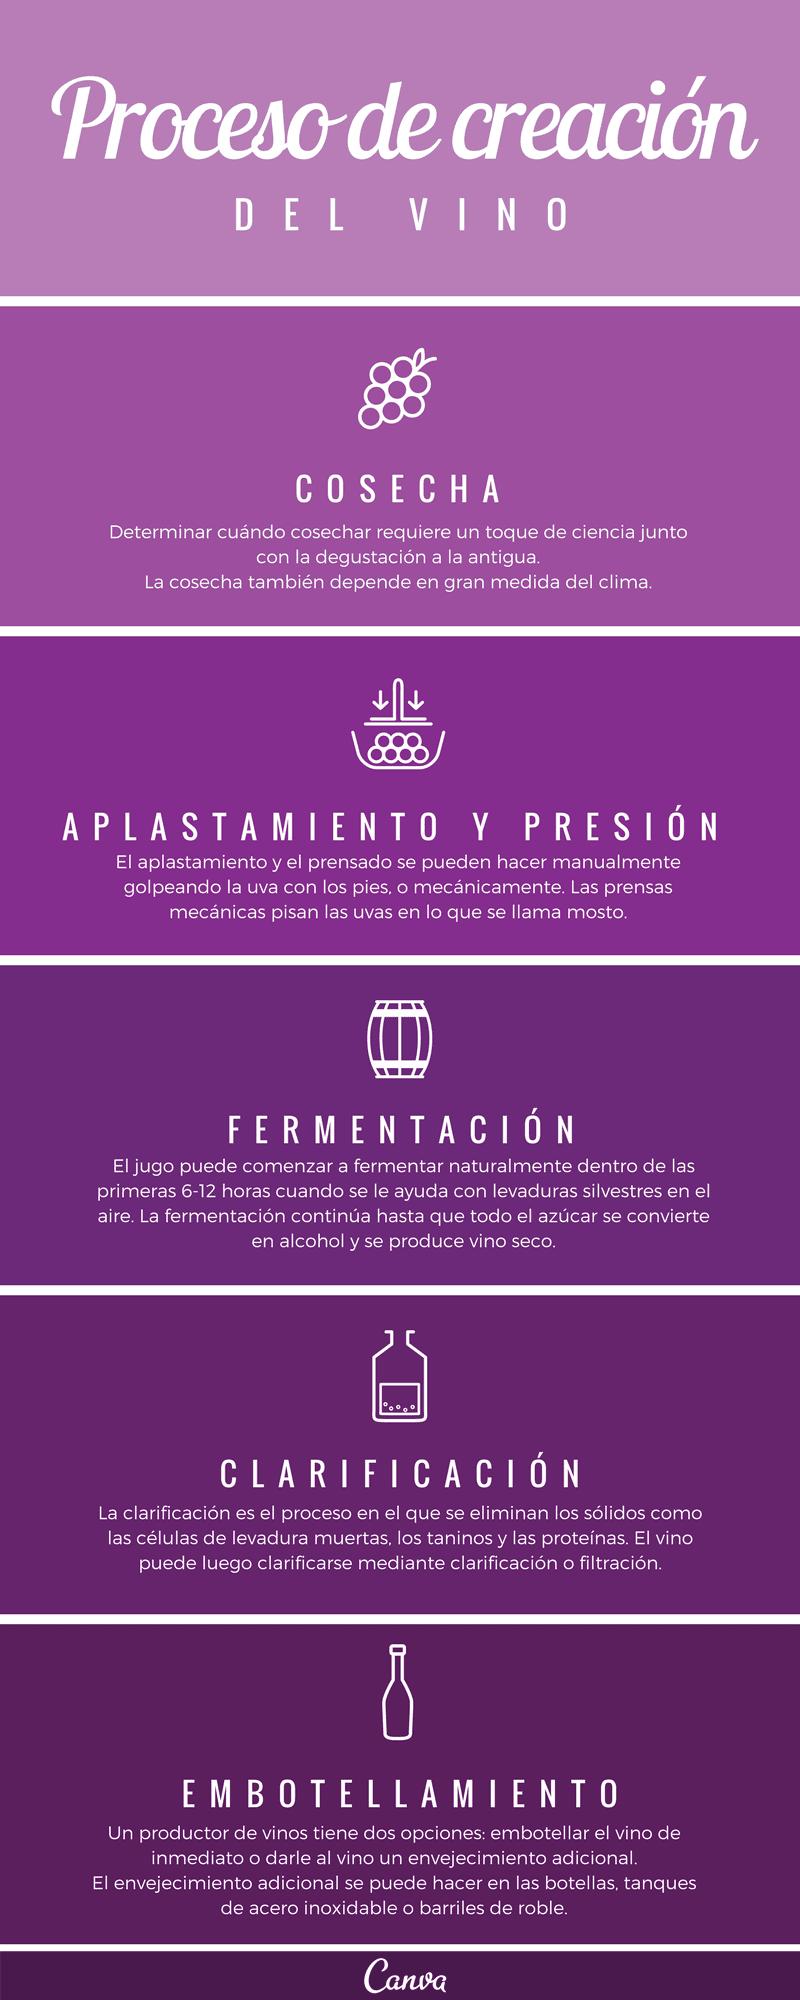 Plantillas para diseñar una infografía